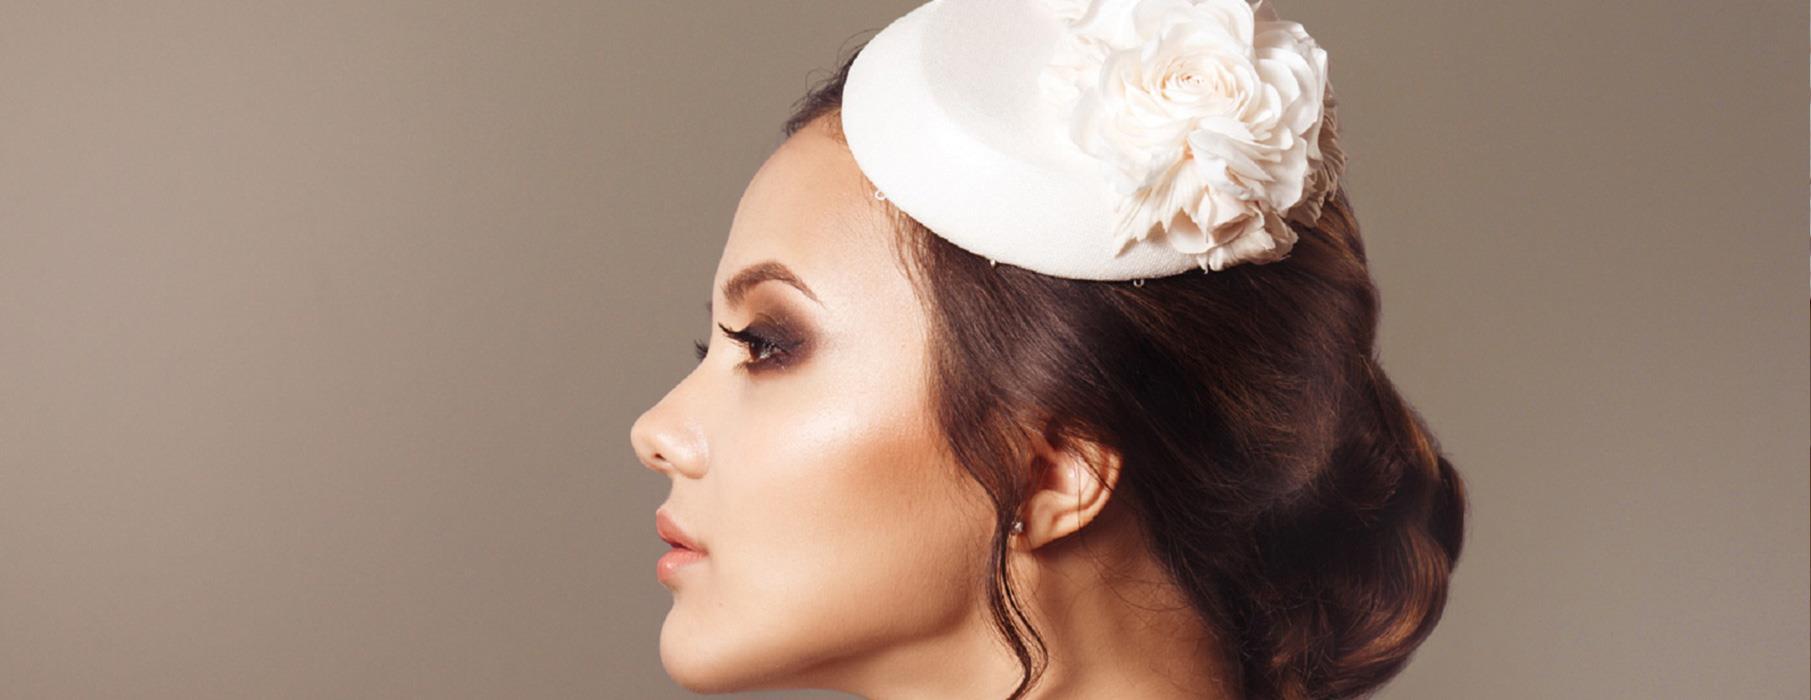 Cappello sposa  l accessorio chic e alternativo per eccellenza 432e78775035